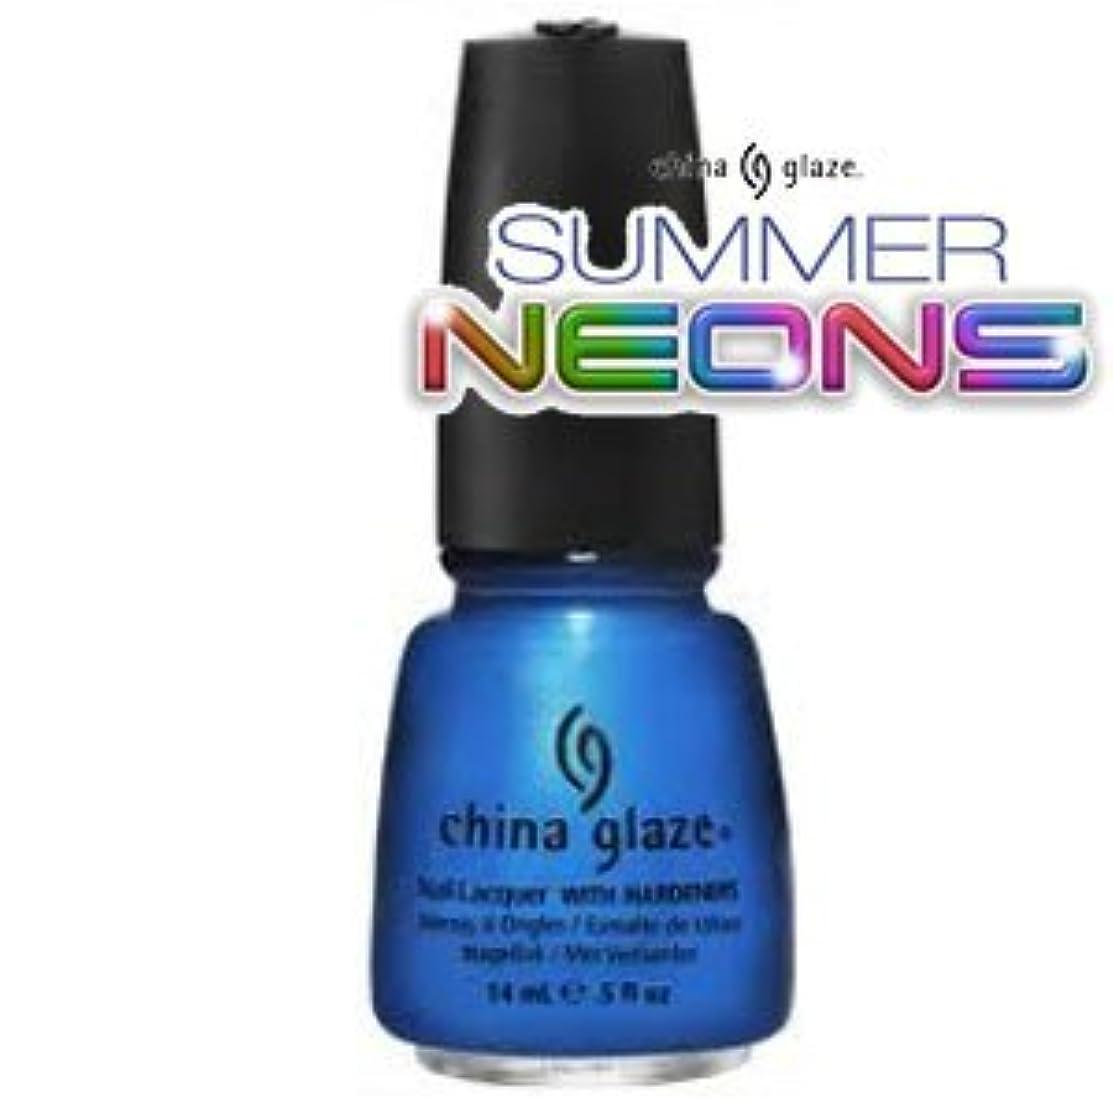 有効な乗り出す北米(チャイナグレイズ)China Glaze Splish Splashーサマーネオン コレクション [海外直送品][並行輸入品]